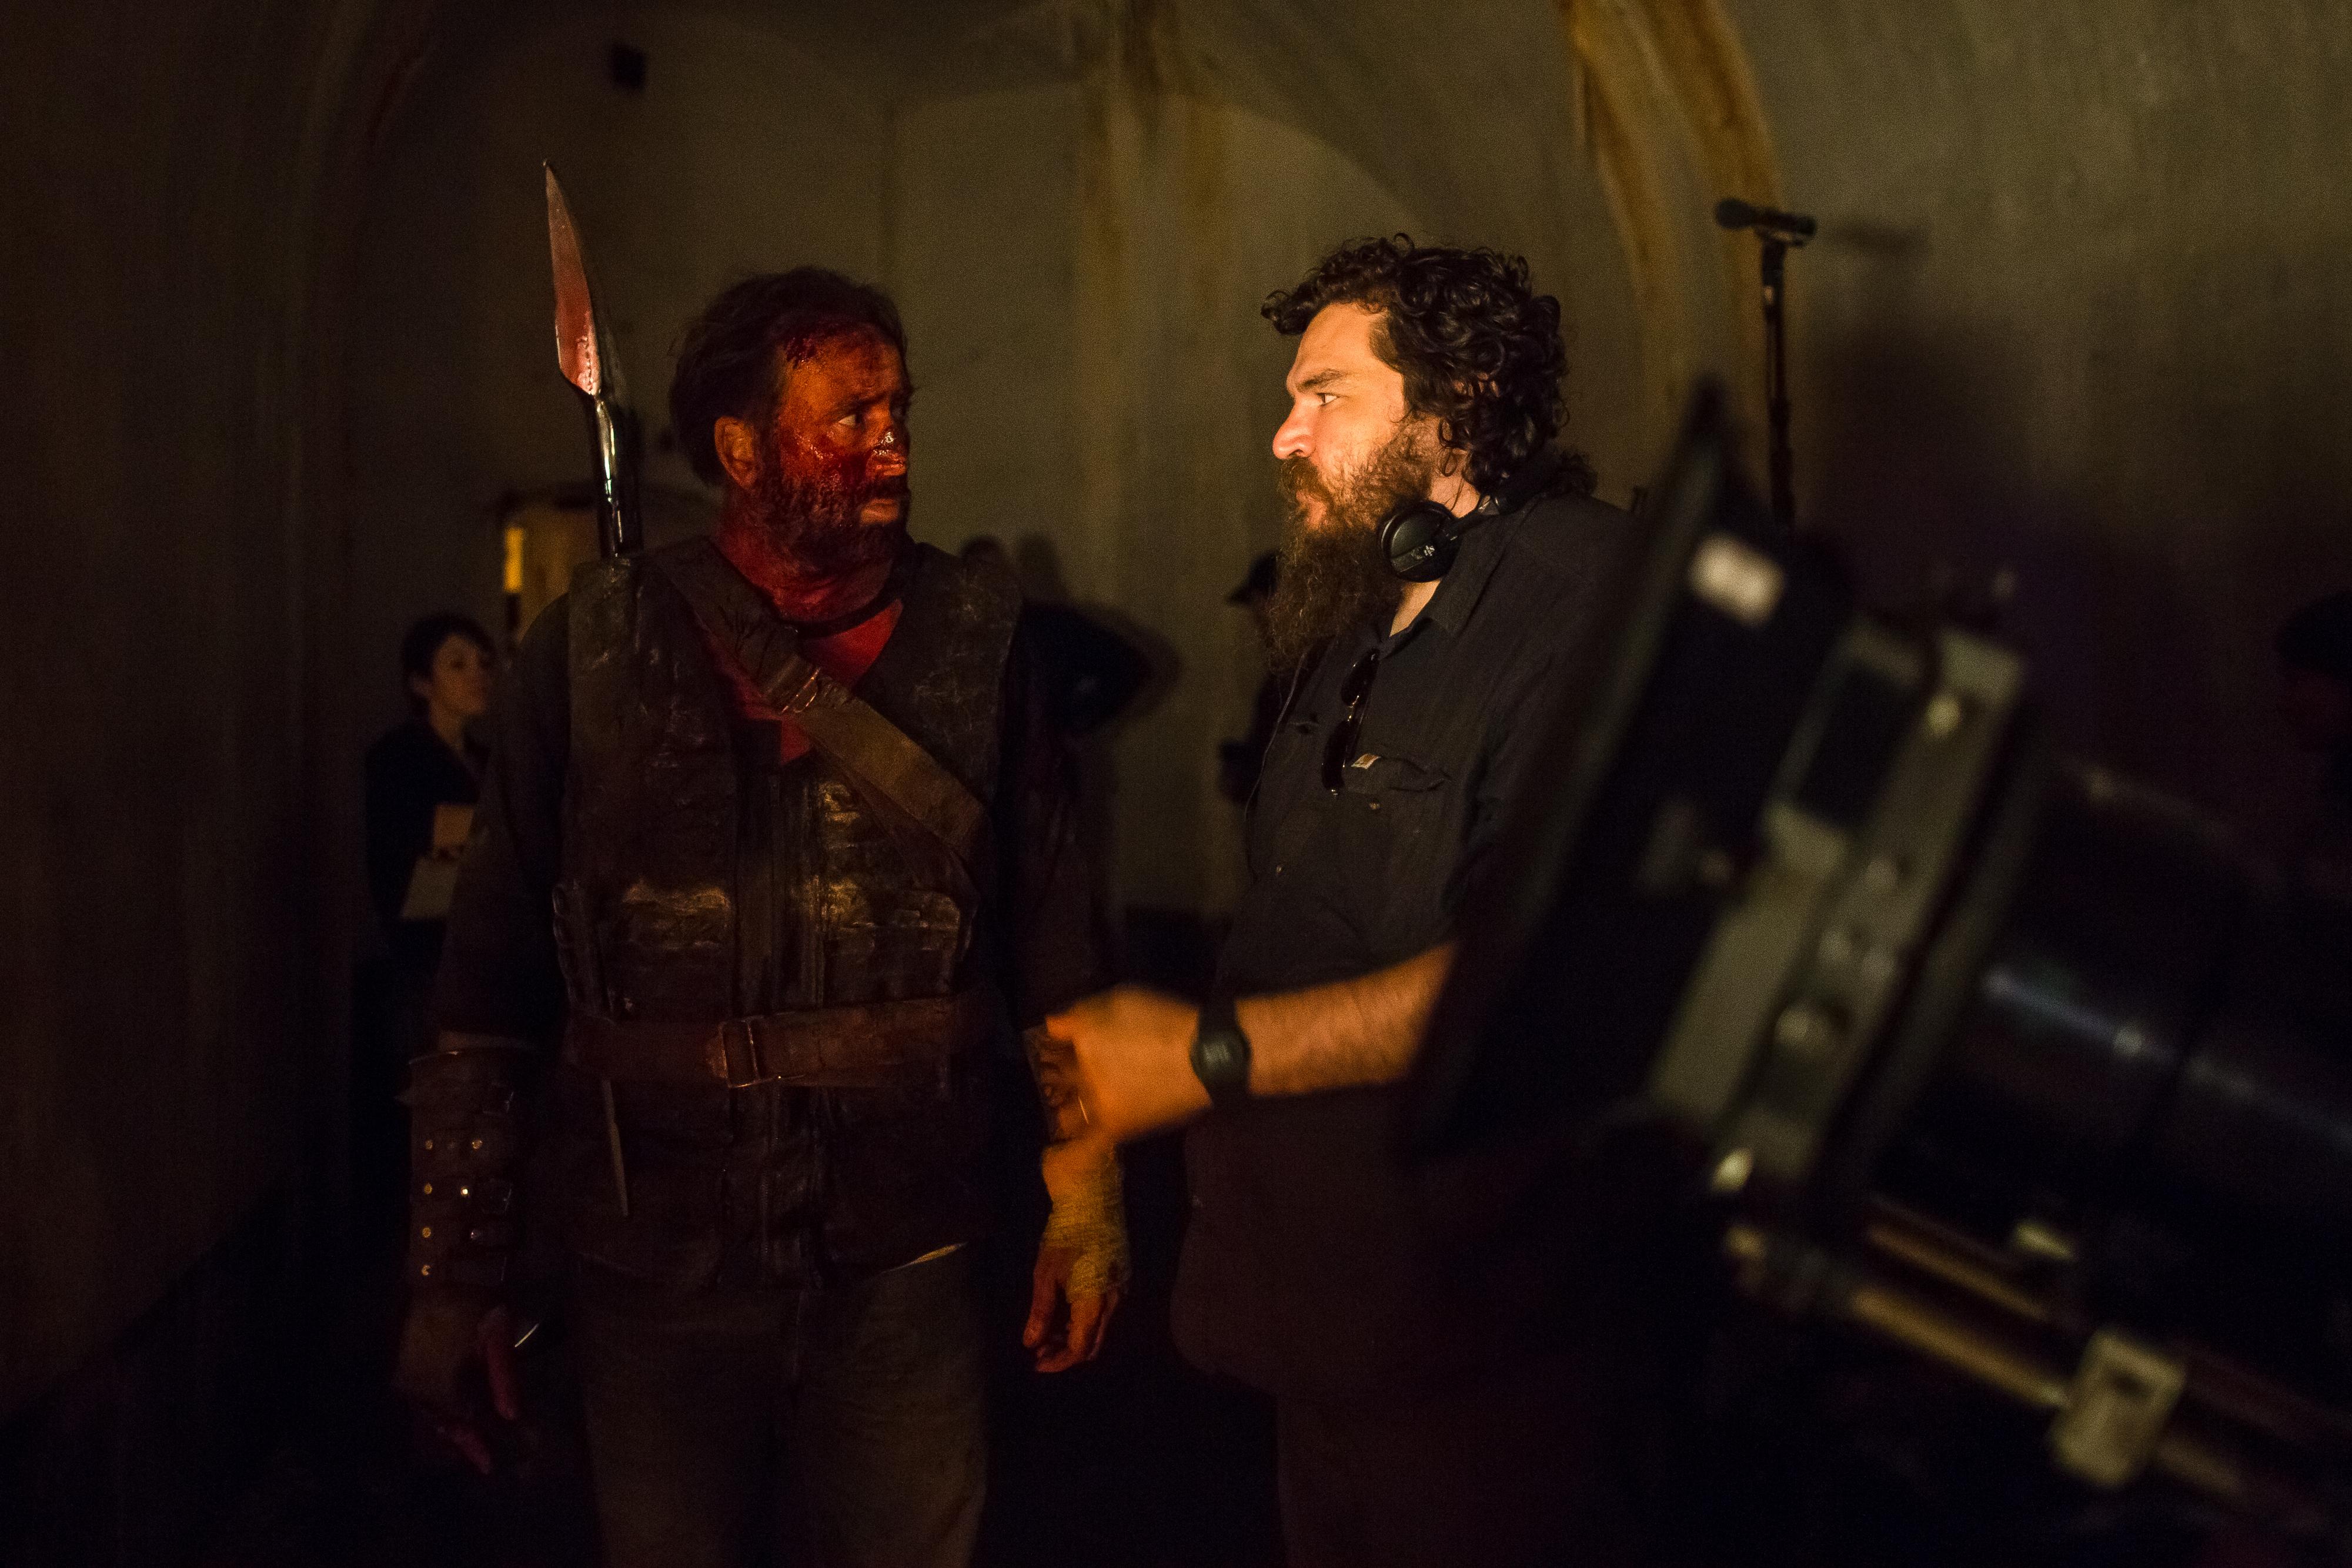 MANDY Nicolas Cage and Panos Cosmatos